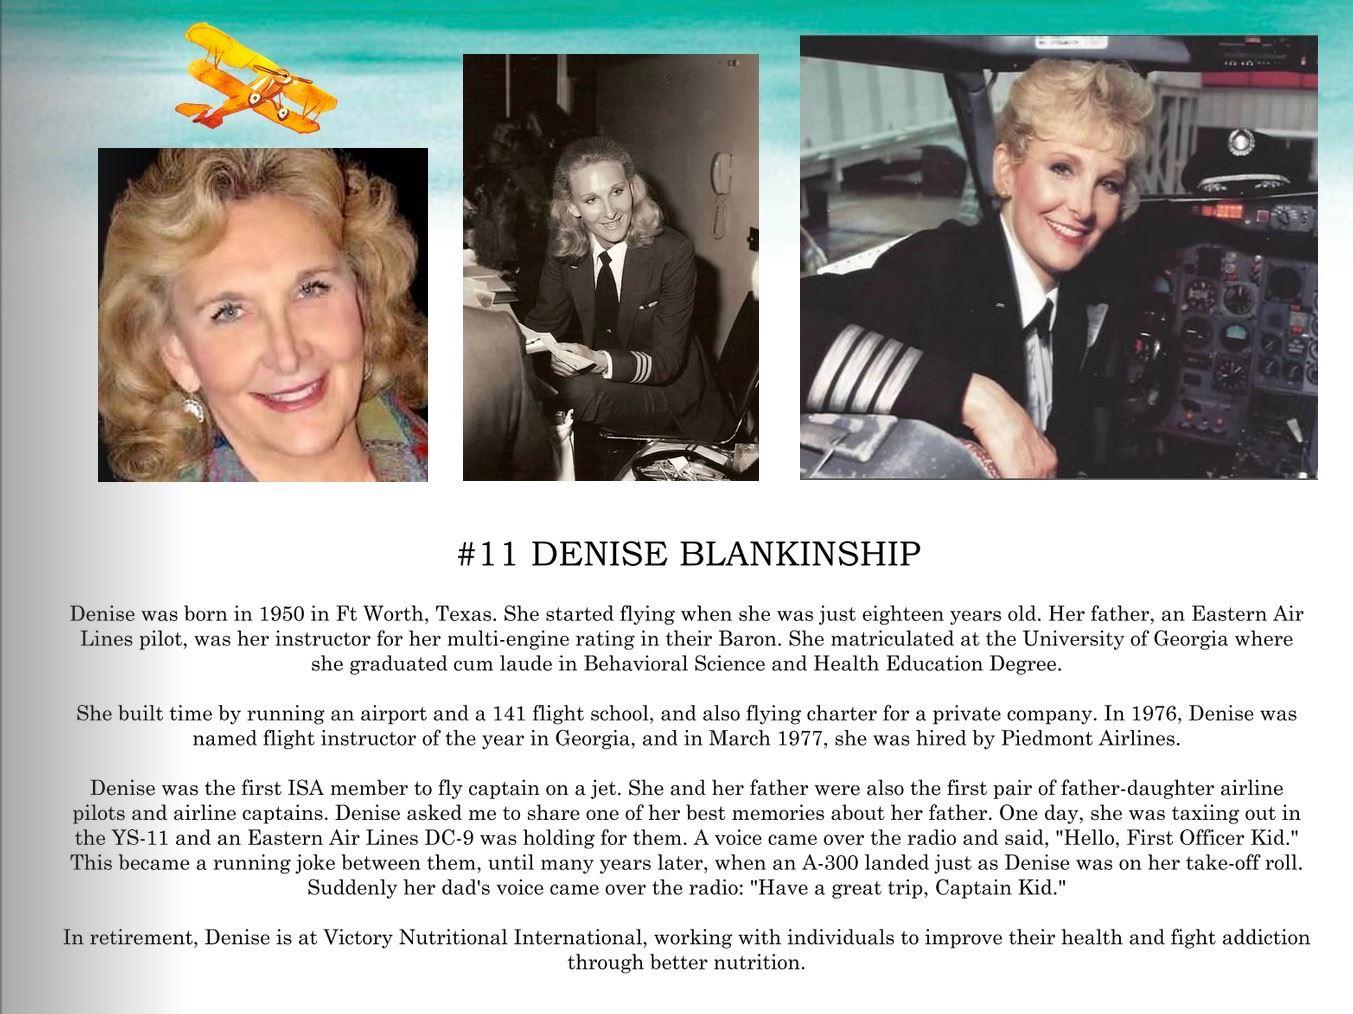 11. Denise Blankinship